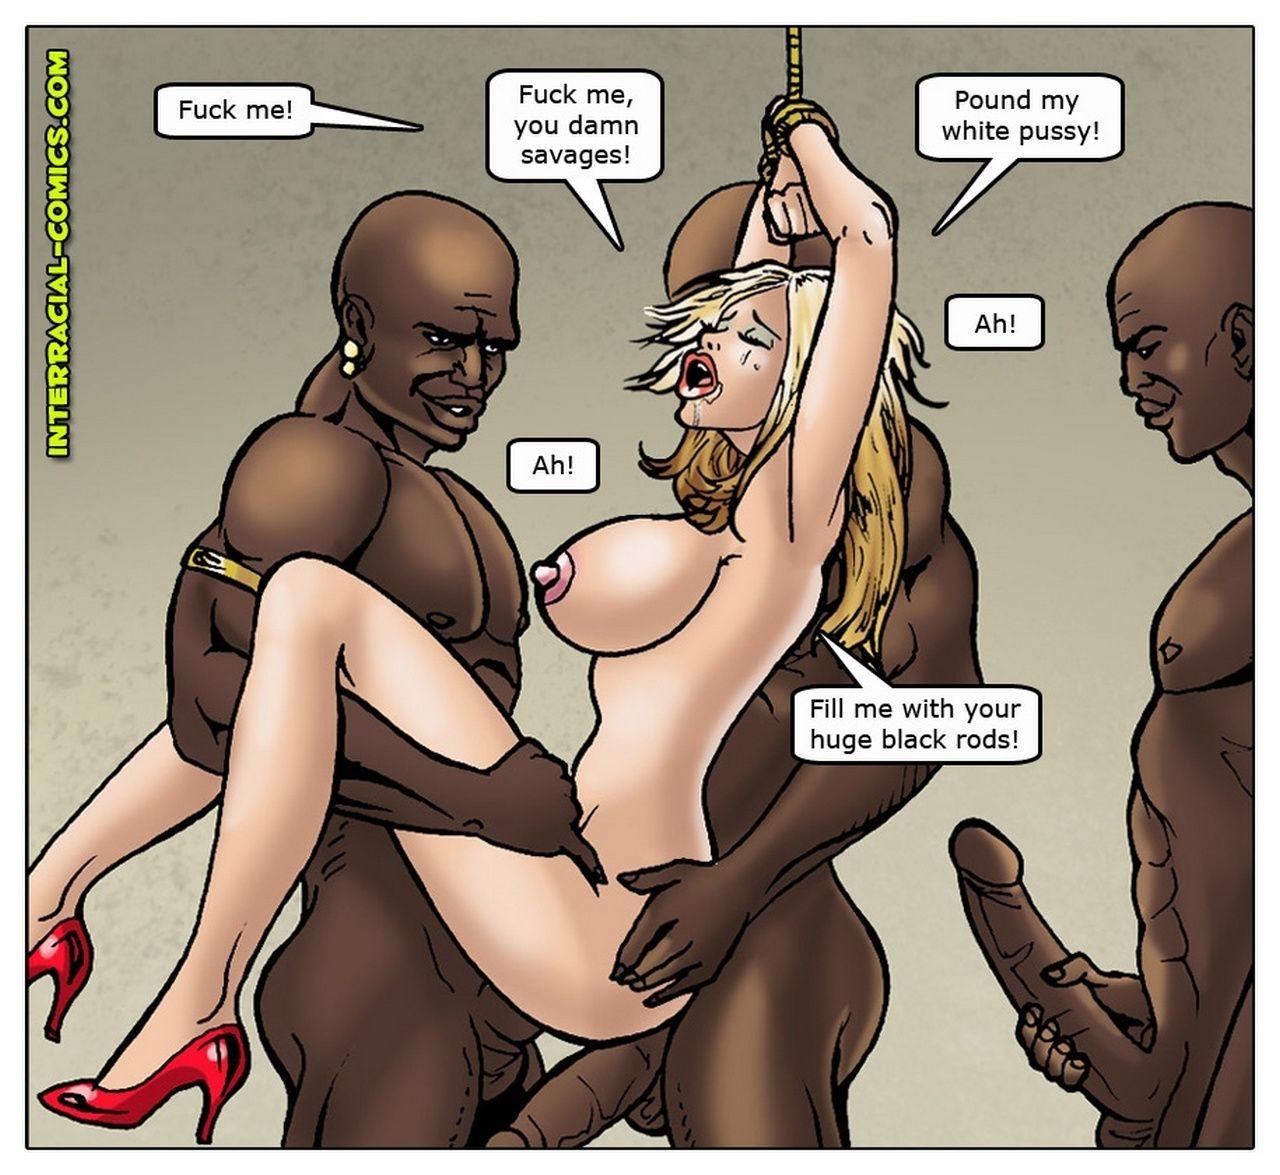 комиксы порно секс с неграми № 306746 бесплатно